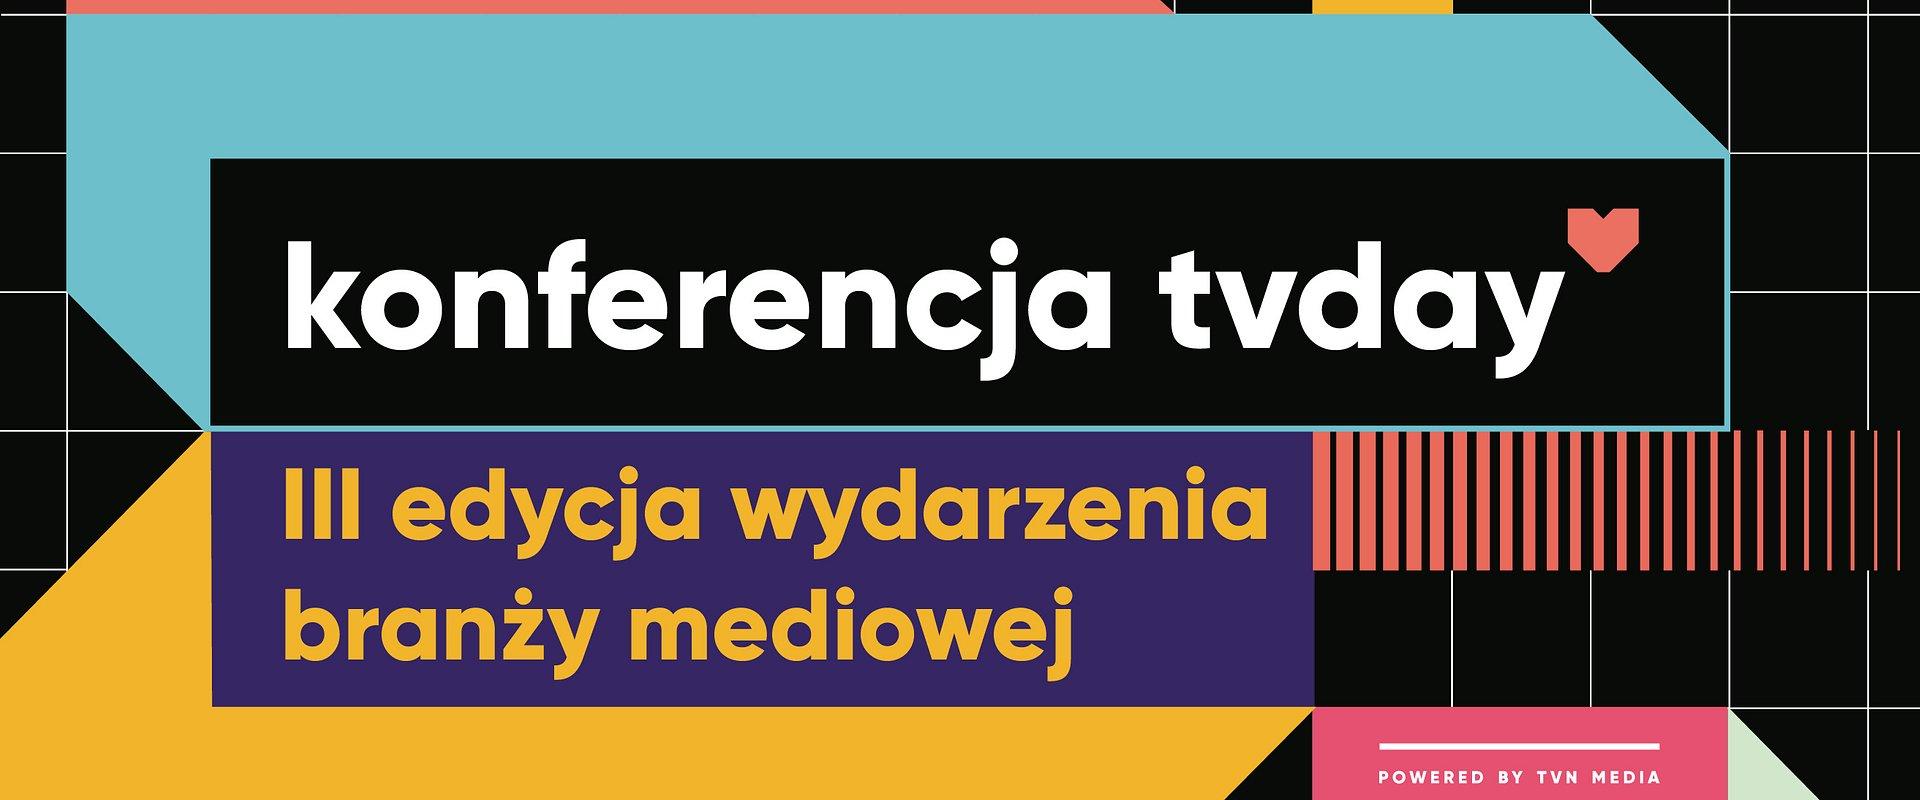 Konferencja tv day: 3 edycja. 3 oblicza telewizji. 3 gości specjalnych!